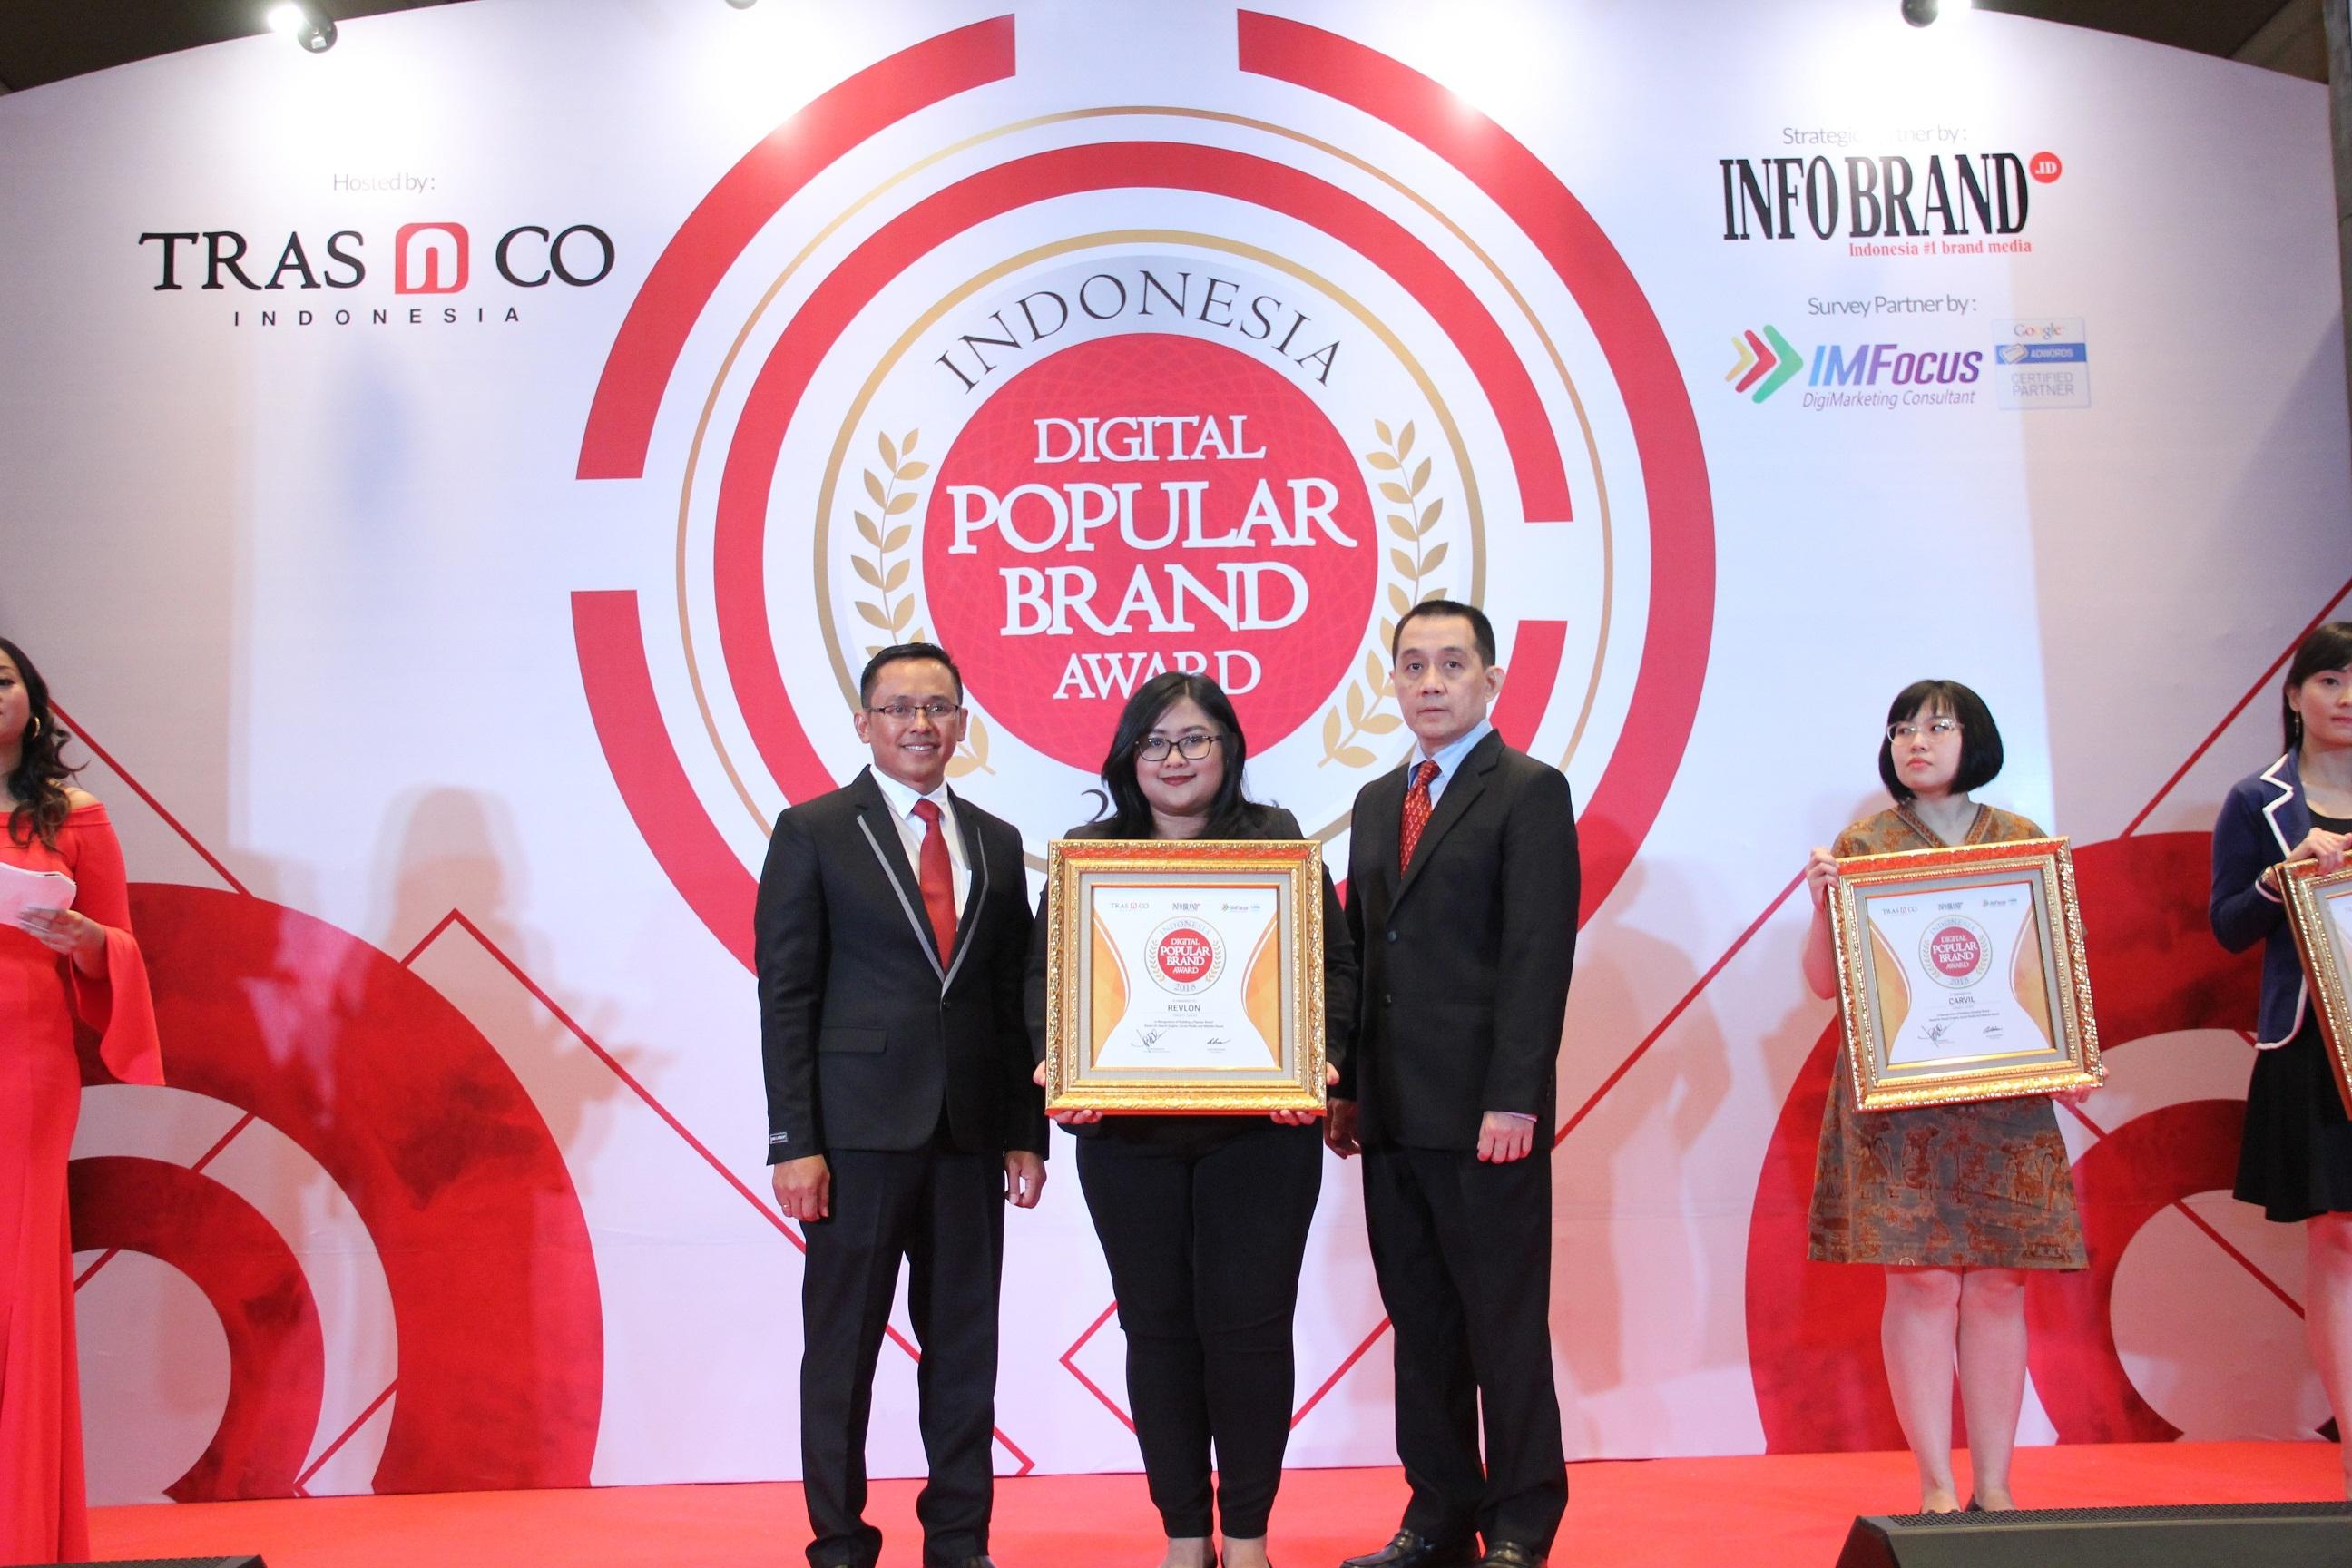 Revlon Bawa Pulang Penghargaan Indonesia Digital Popular Brand Award 2018, Karena Produknya Lebih Unggul Dari Yang Lain